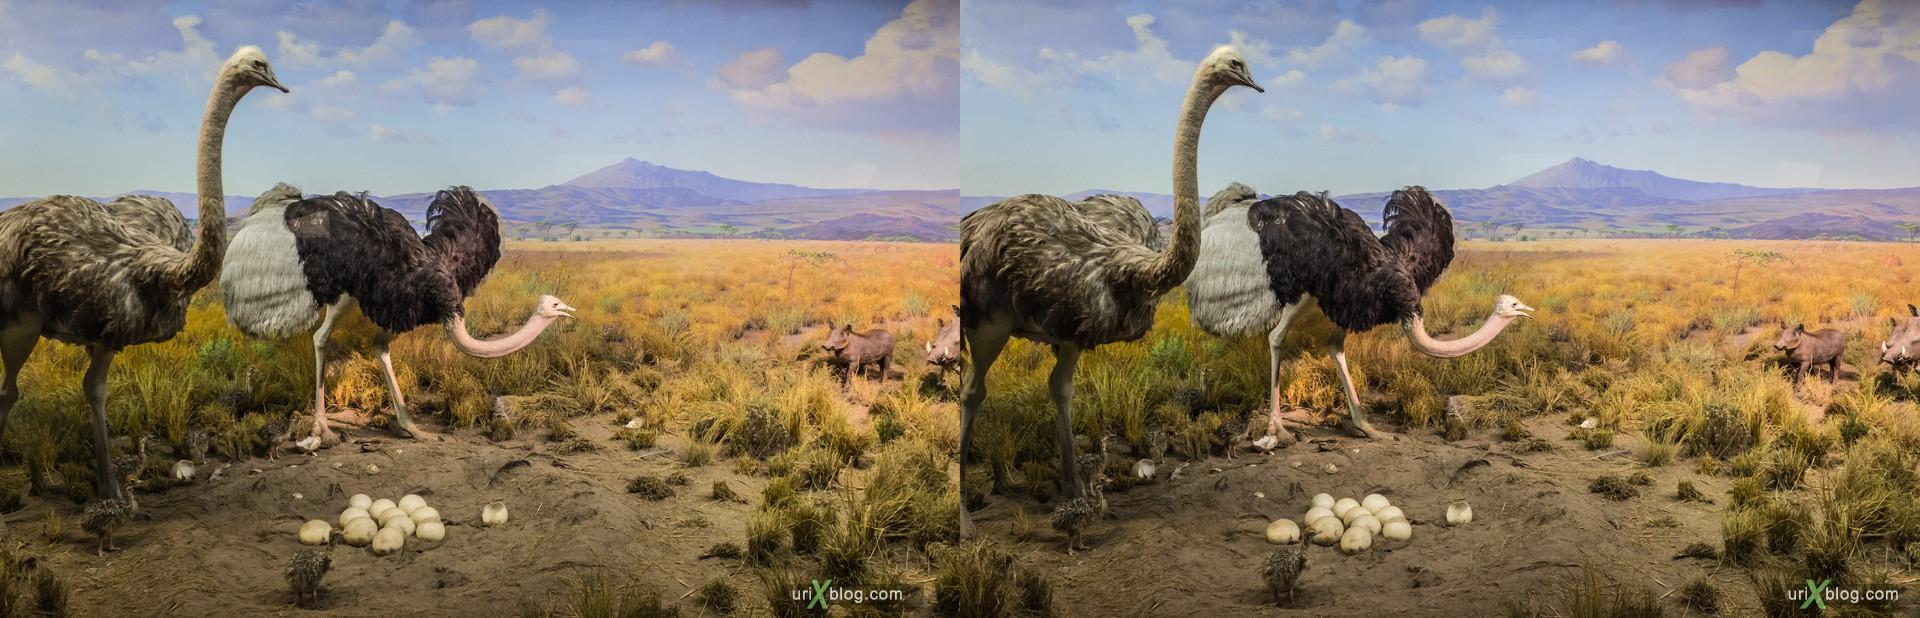 2013, Американский Музей Естественной Истории, Нью-Йорк, США, Скелет, Донозавр, животное, чучело, диарама, 3D, перекрёстные стереопары, стерео, стереопара, стереопары